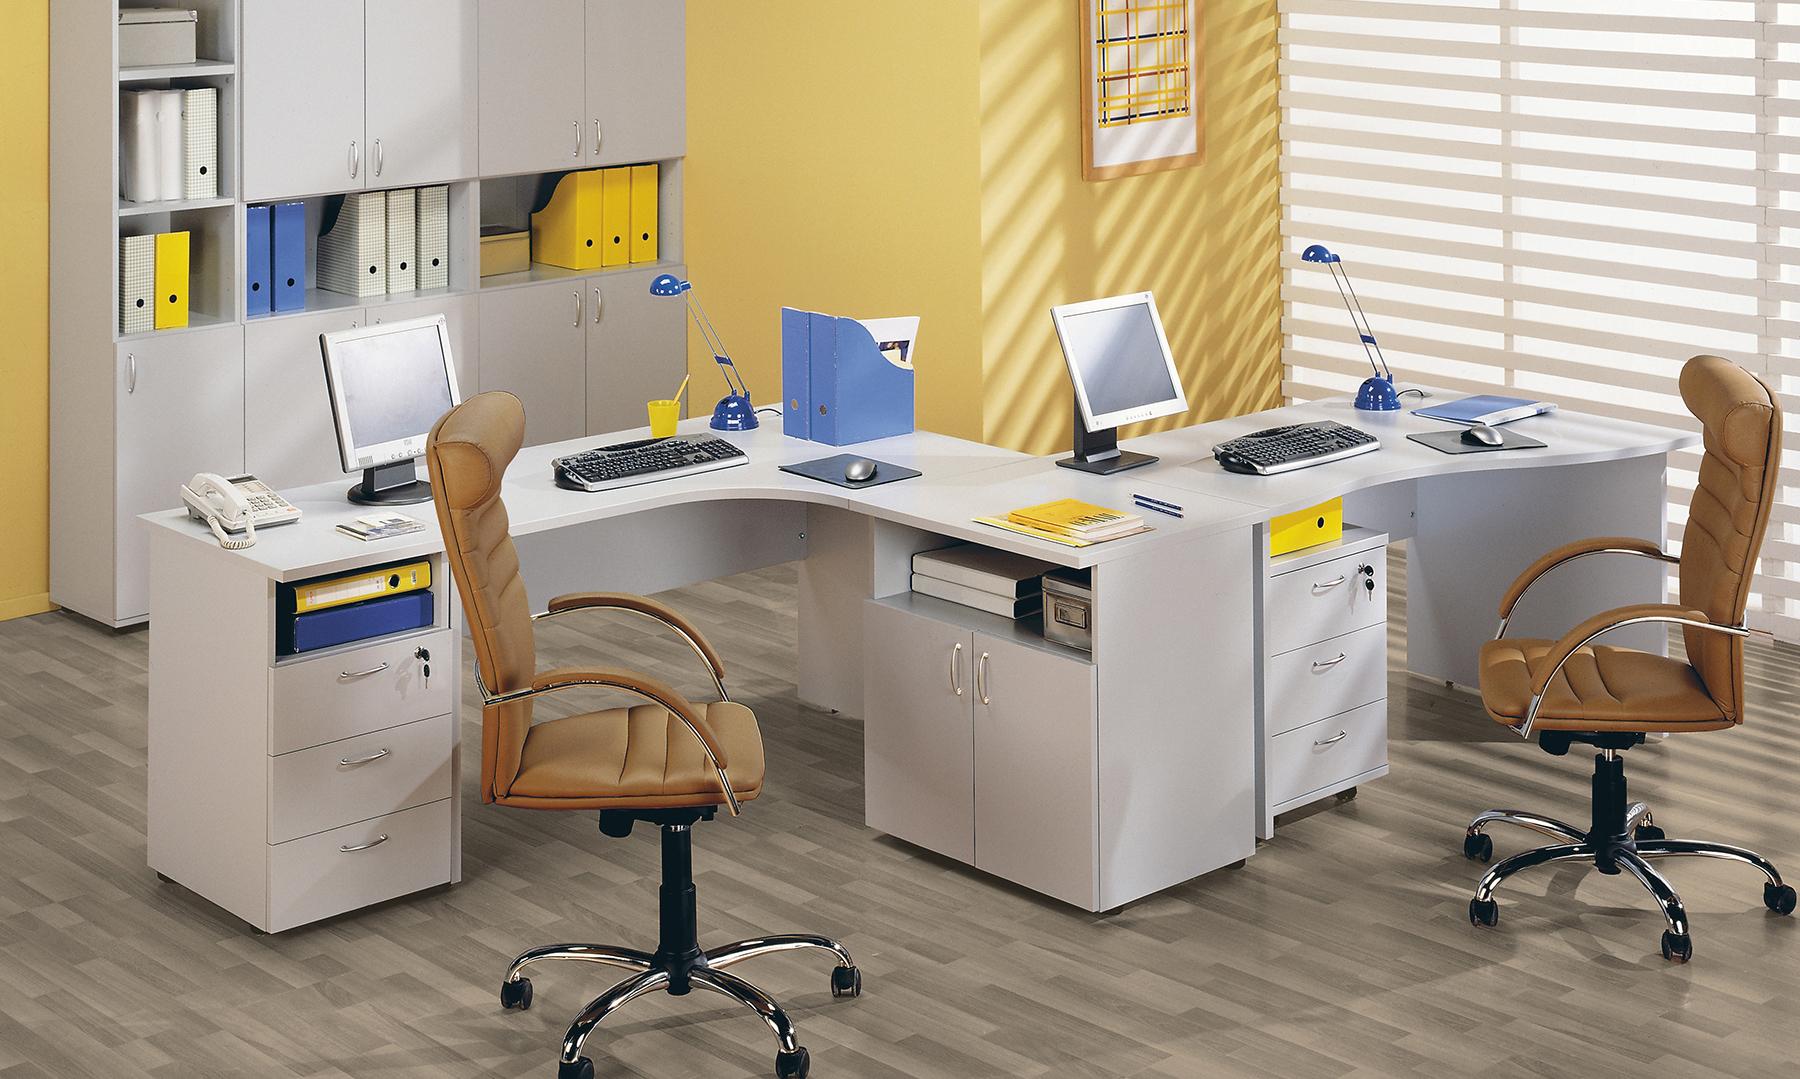 Недорогая офисная мебель от производителя для оснащения рабочего места дома